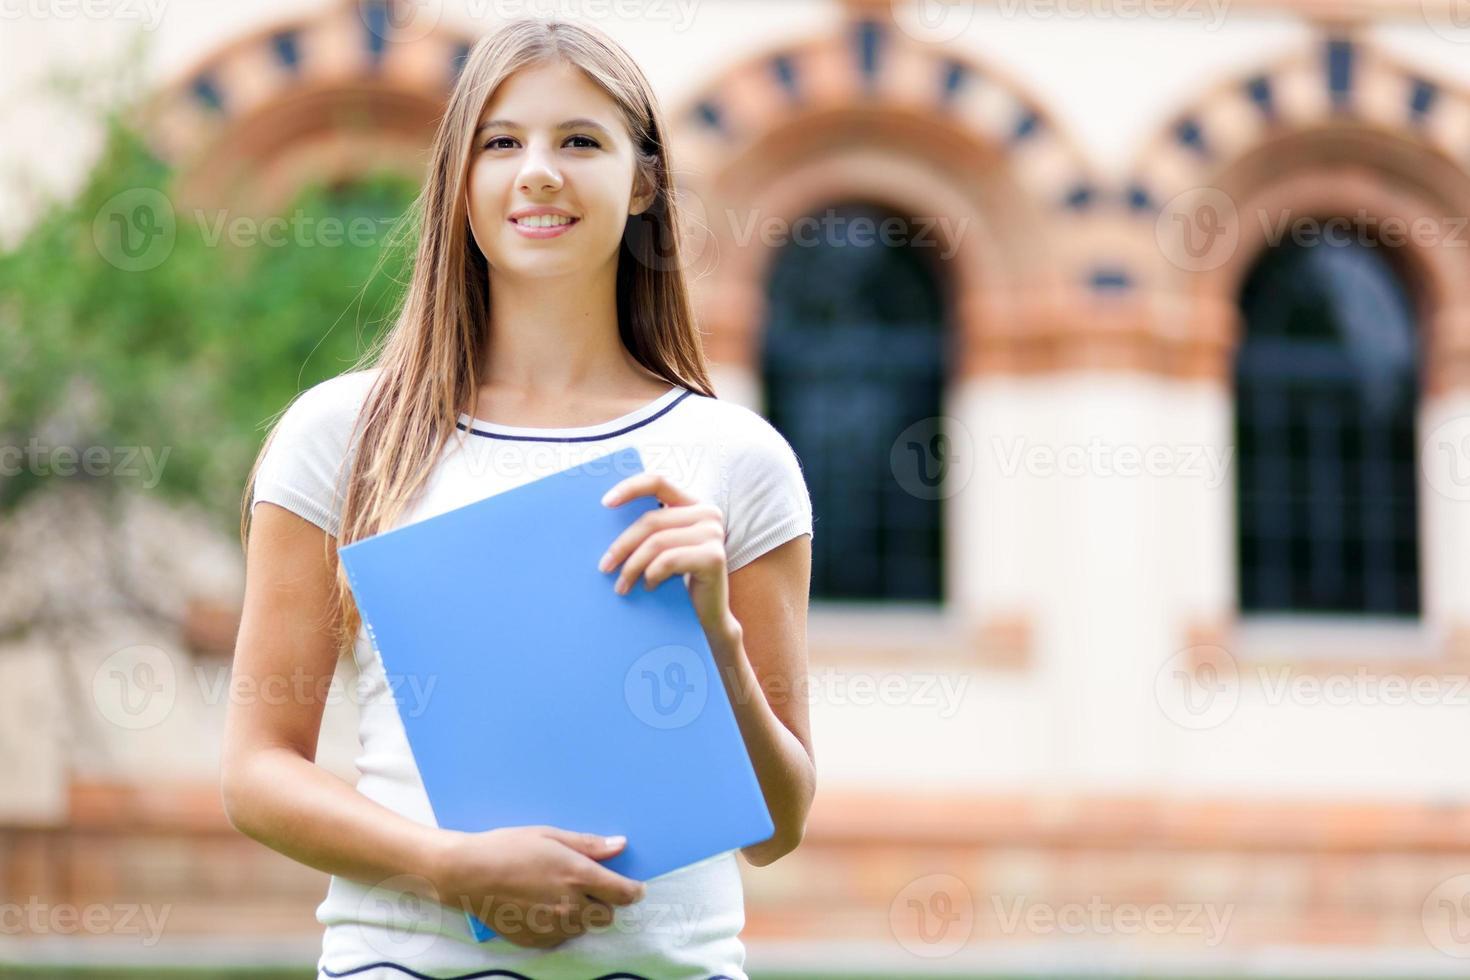 vrouwelijke student buiten de school foto